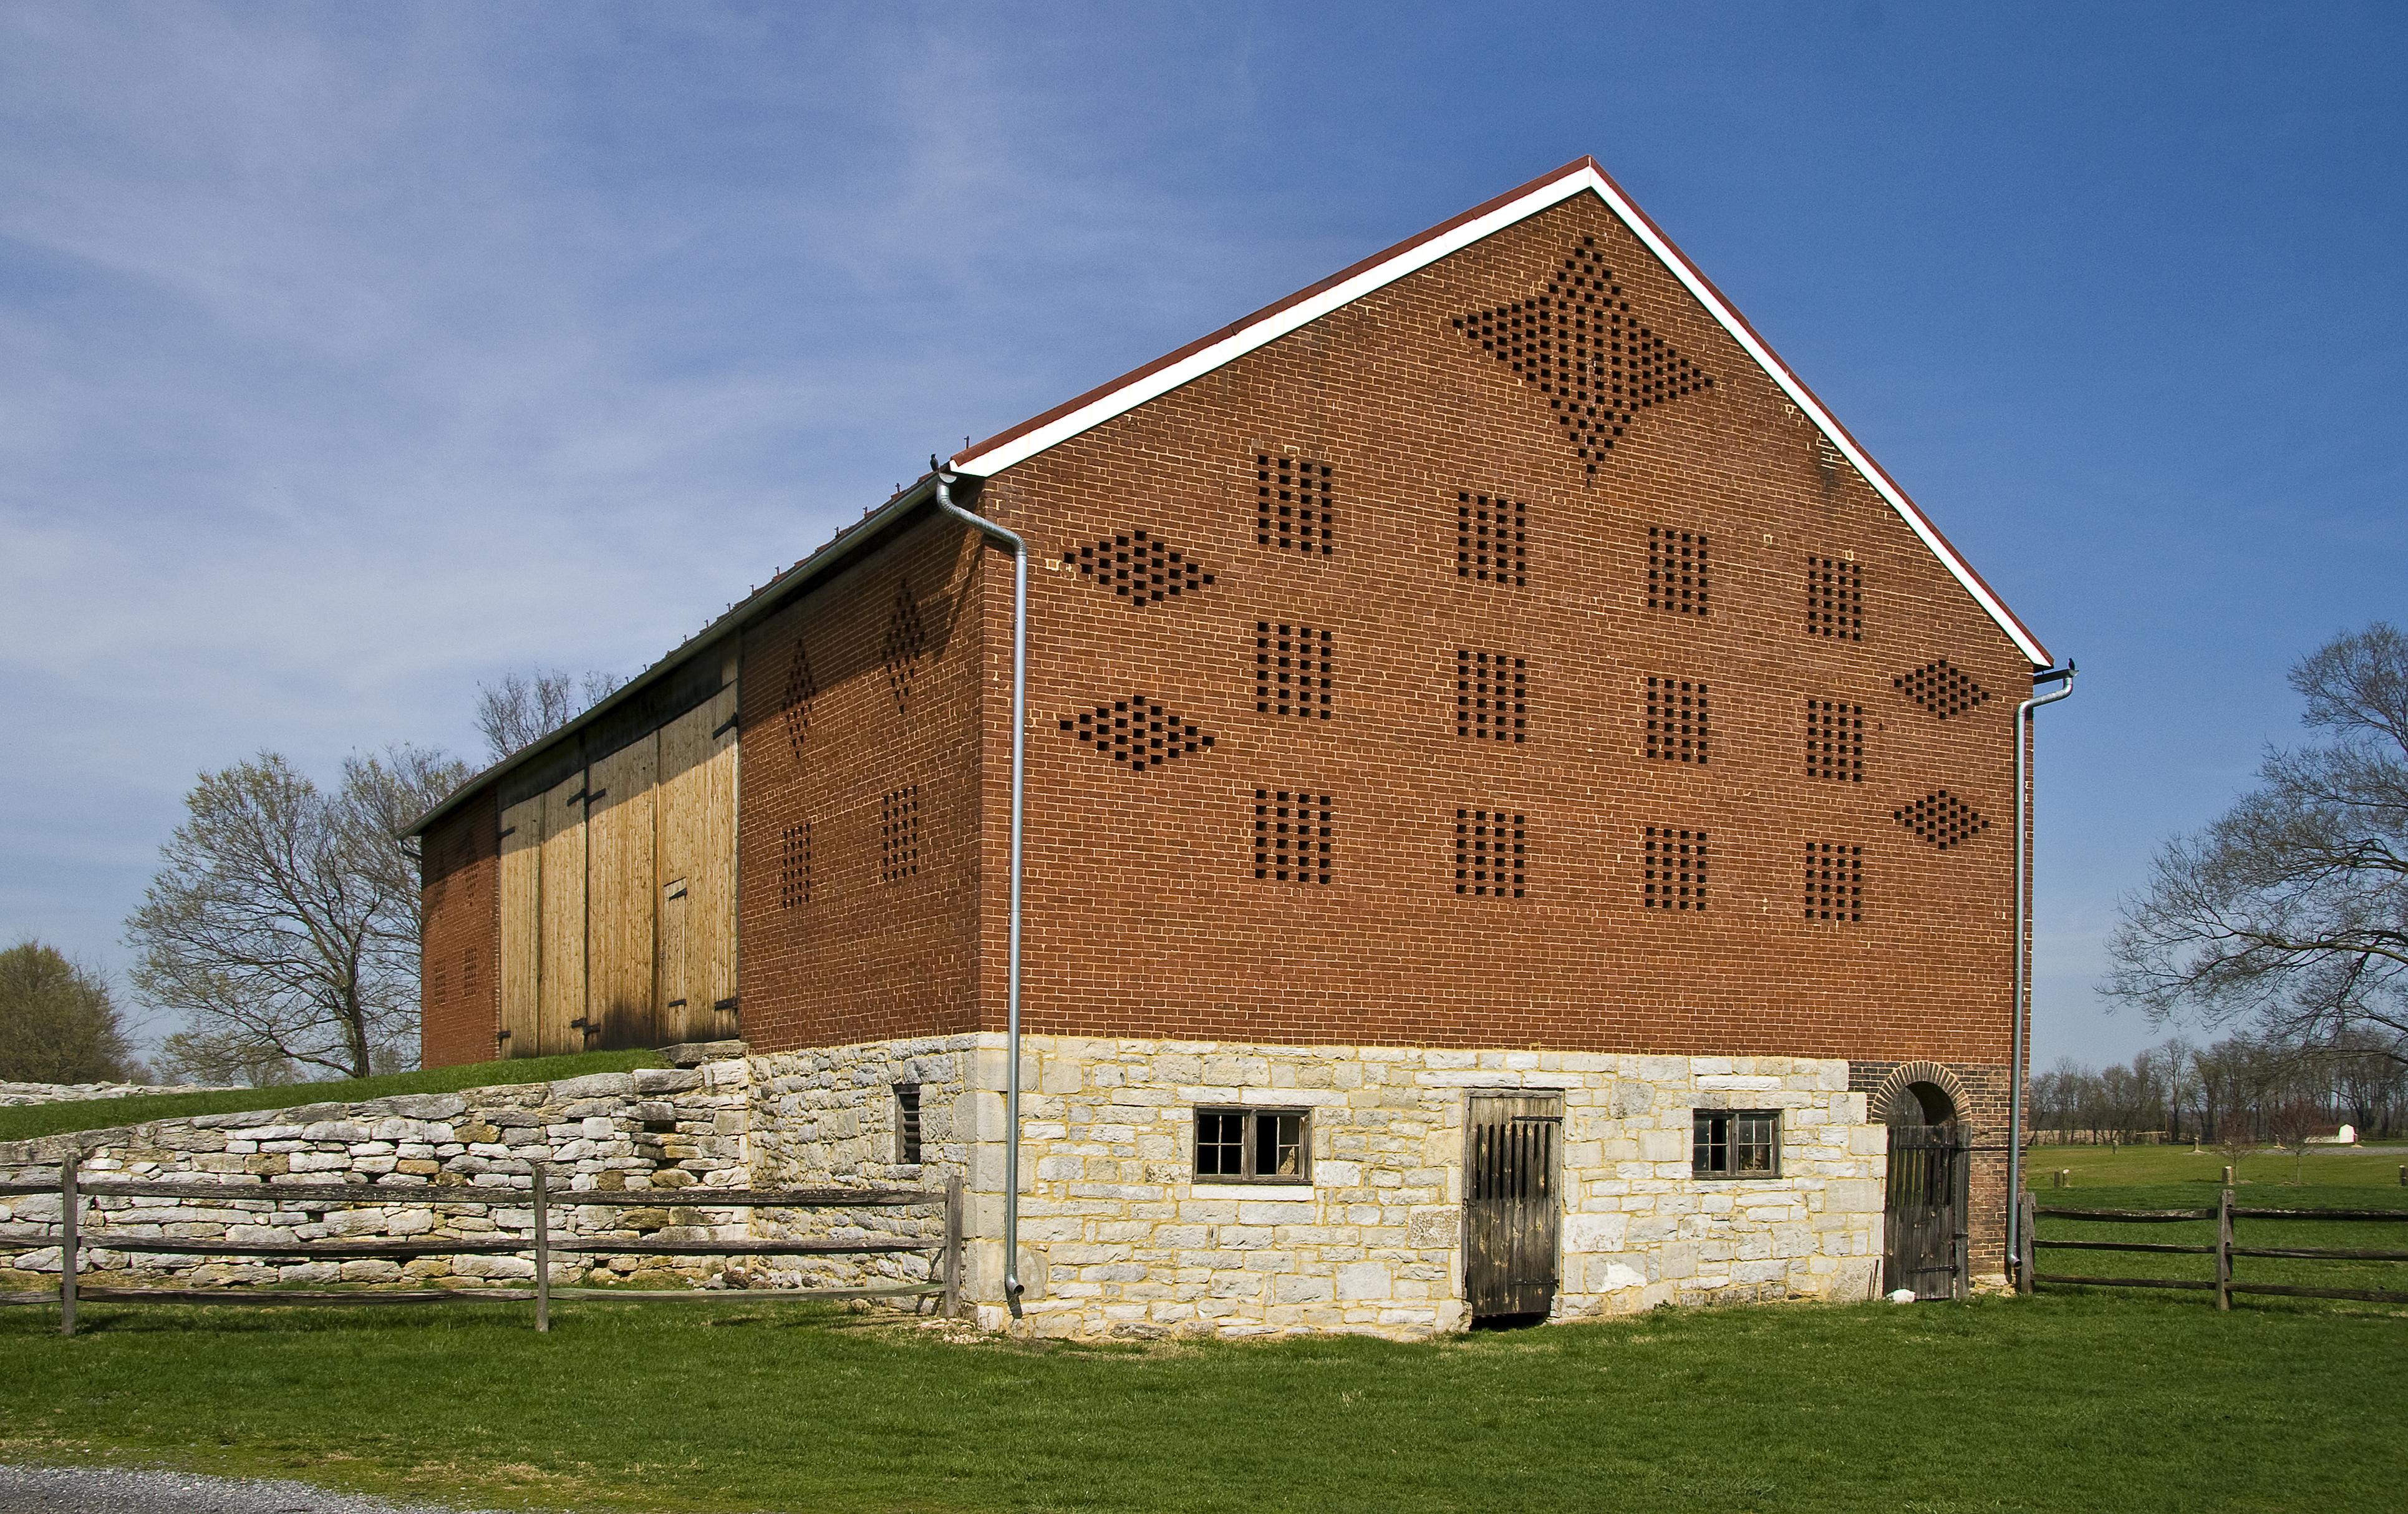 Farm Barn file:harris farm barn, walkersville md1 - wikimedia commons